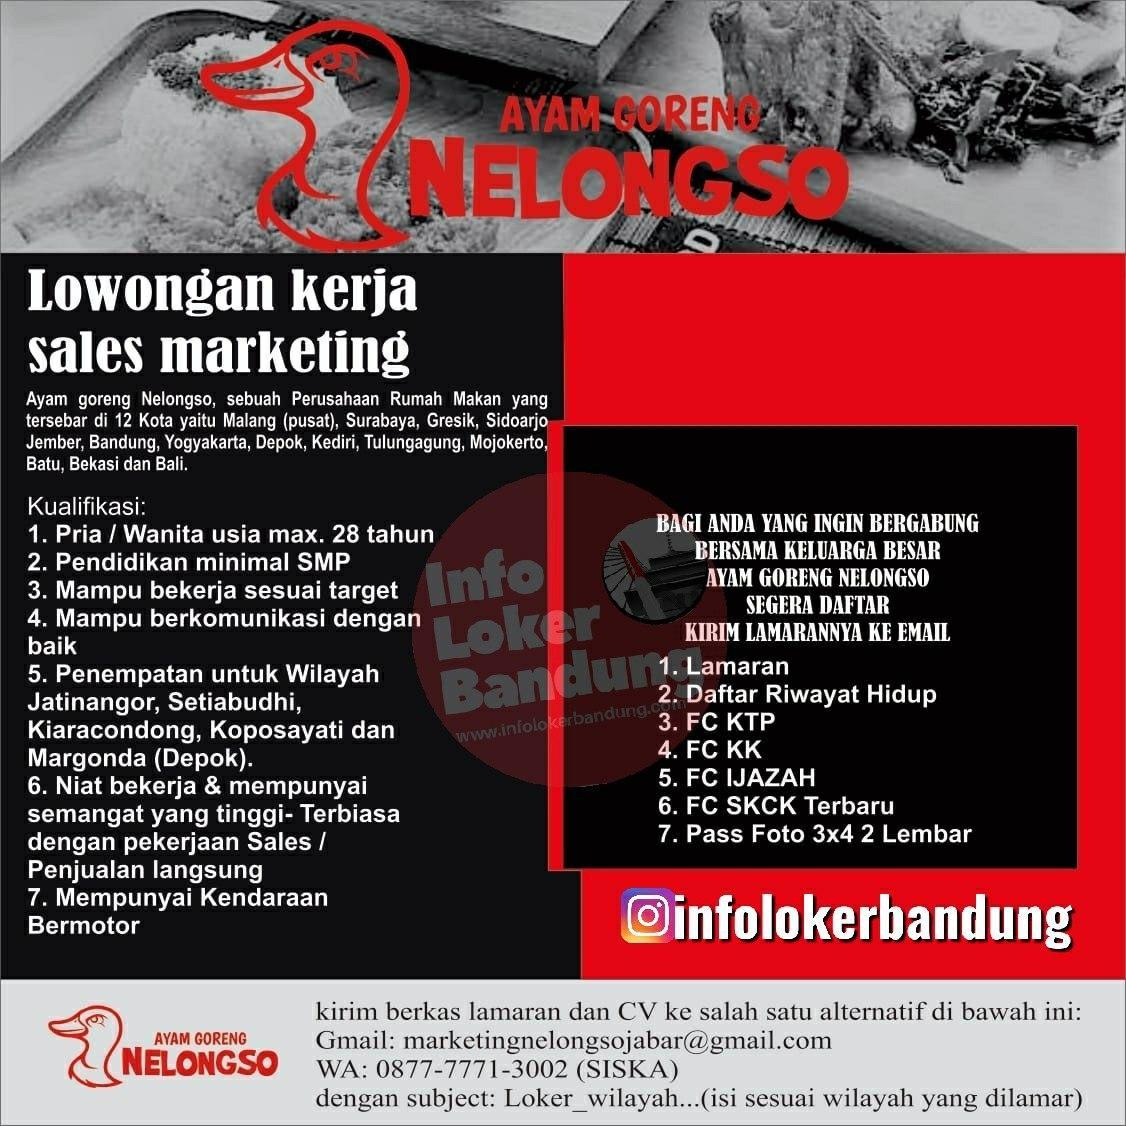 Lowongan Kerja Ayam Goreng Nelongso Bandung Januari 2020